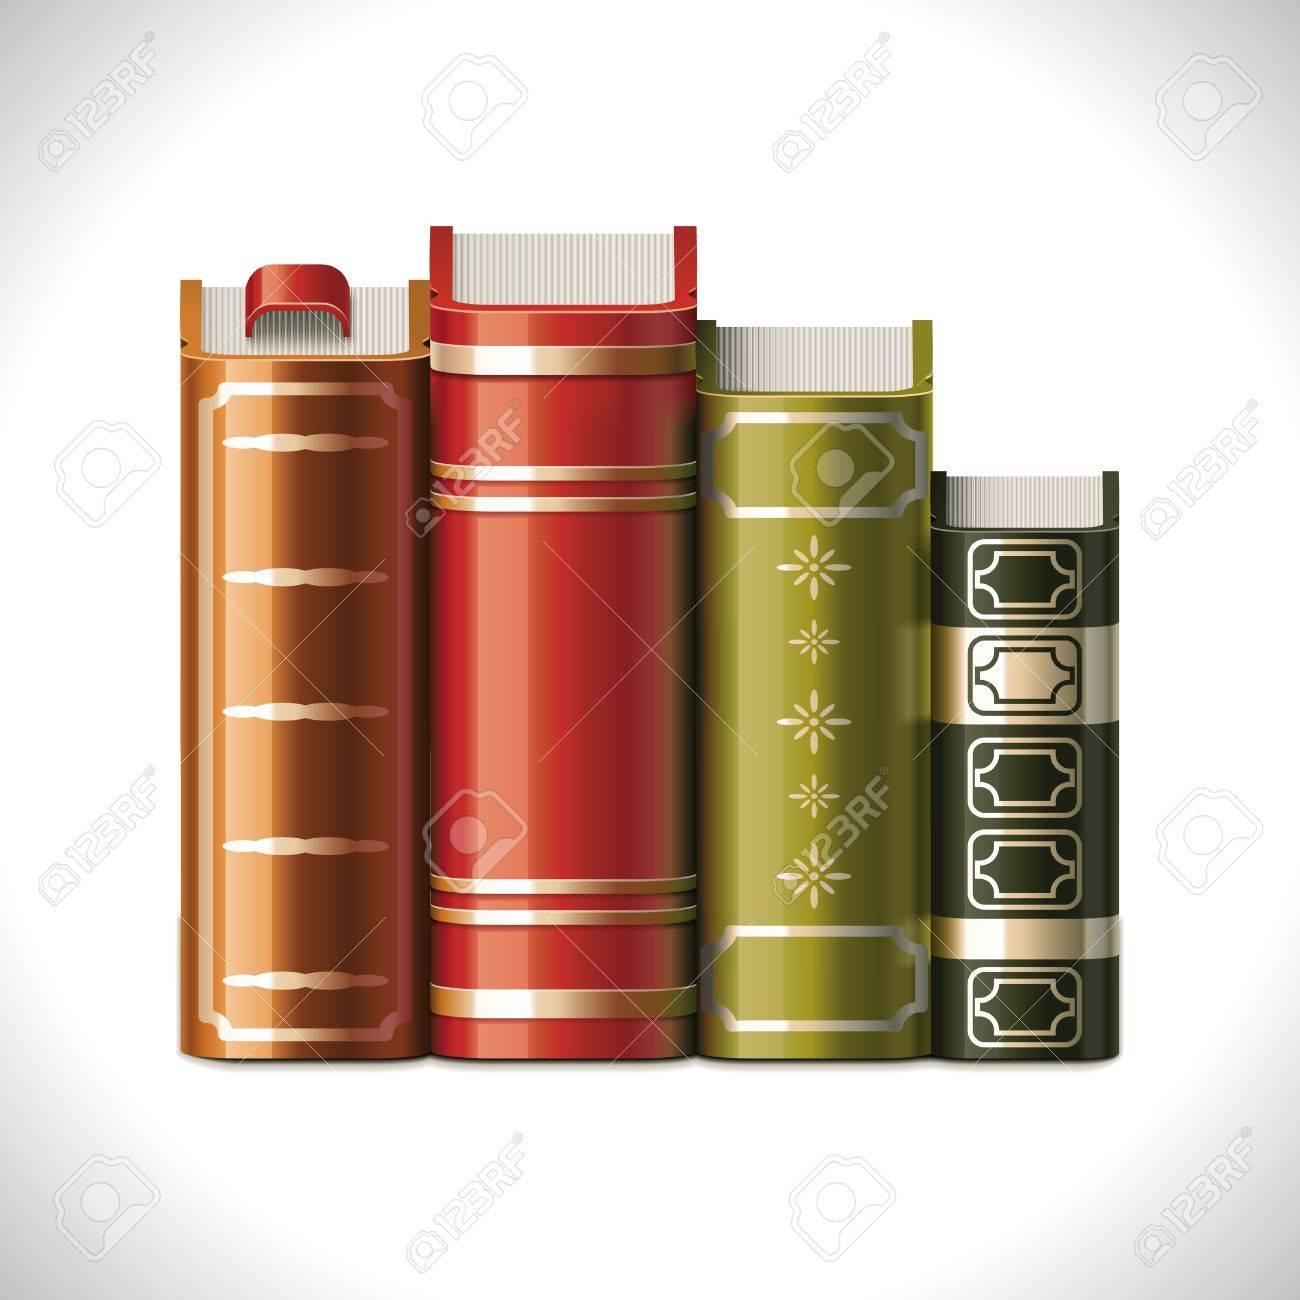 Vector books XXL icon Stock Vector - 10107152